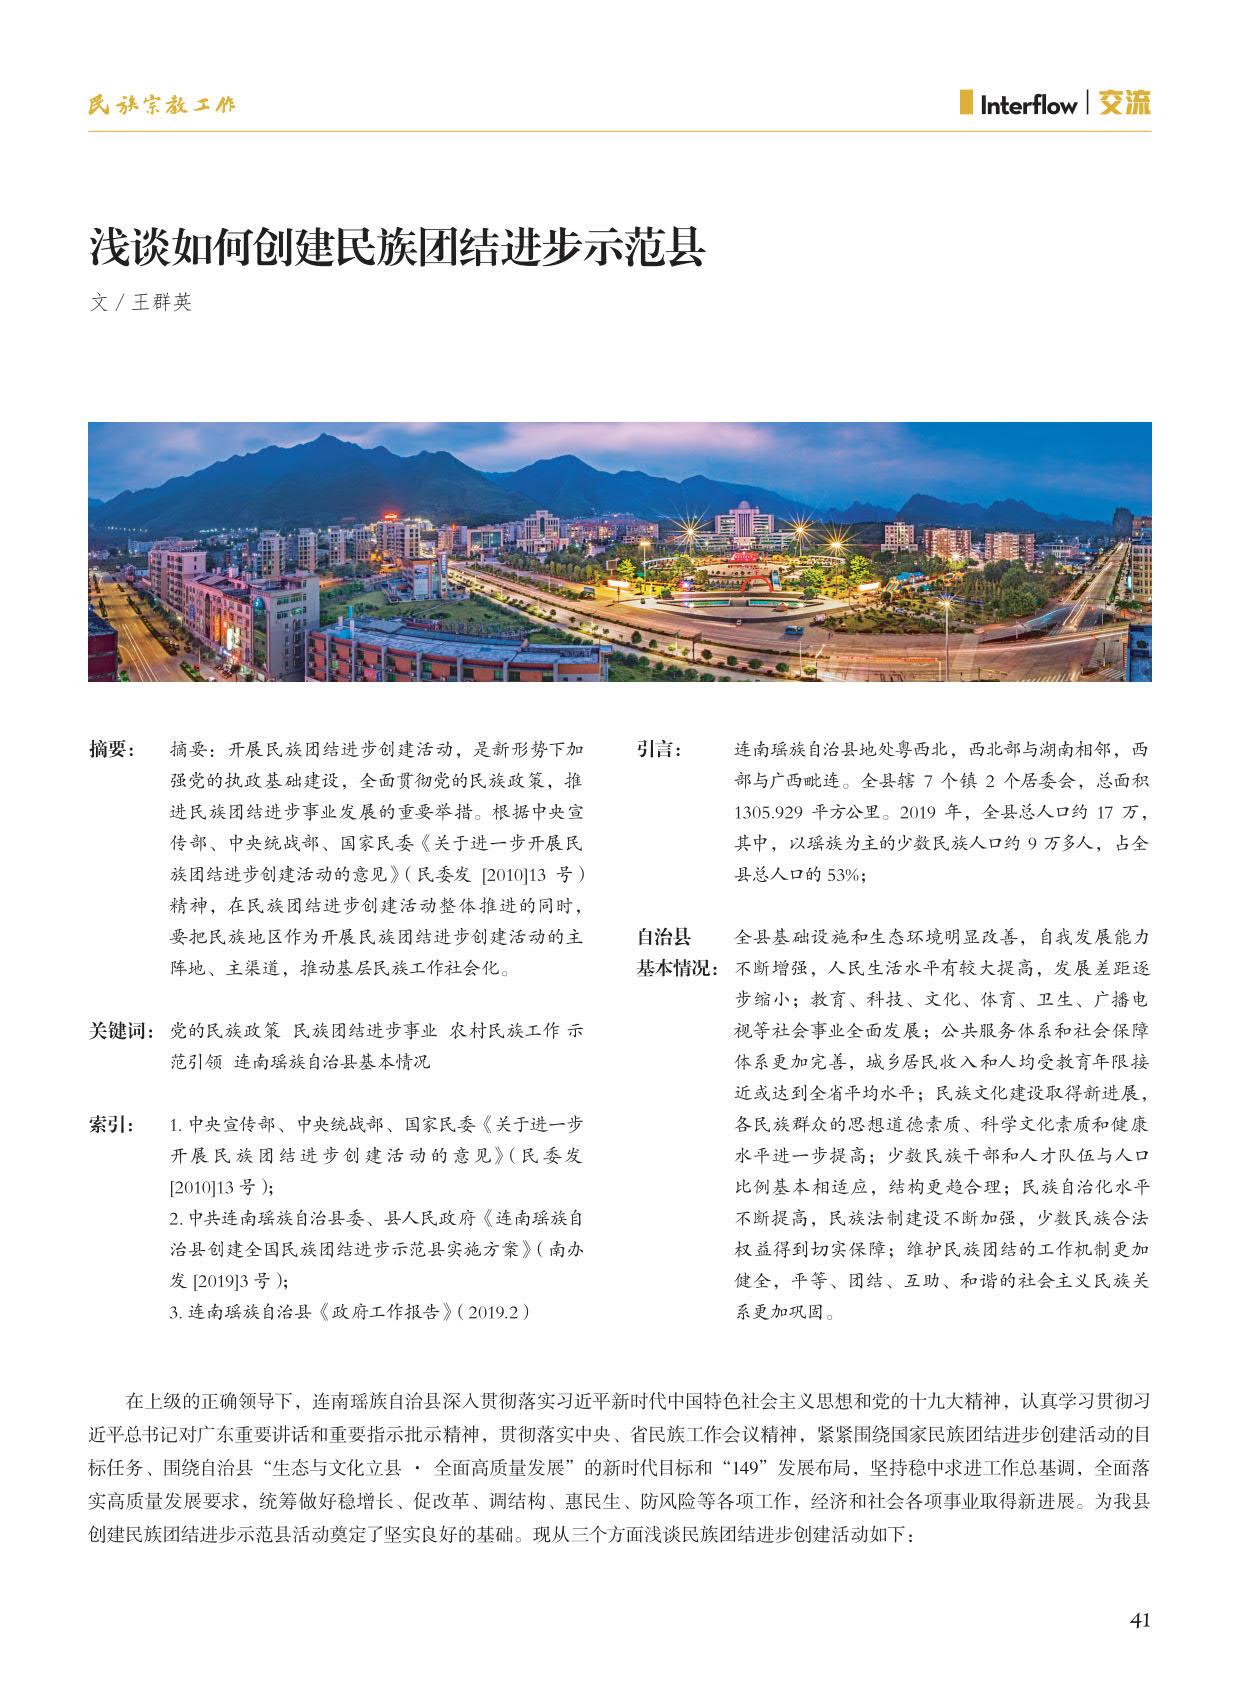 民宗委 十月(1)_43.jpg